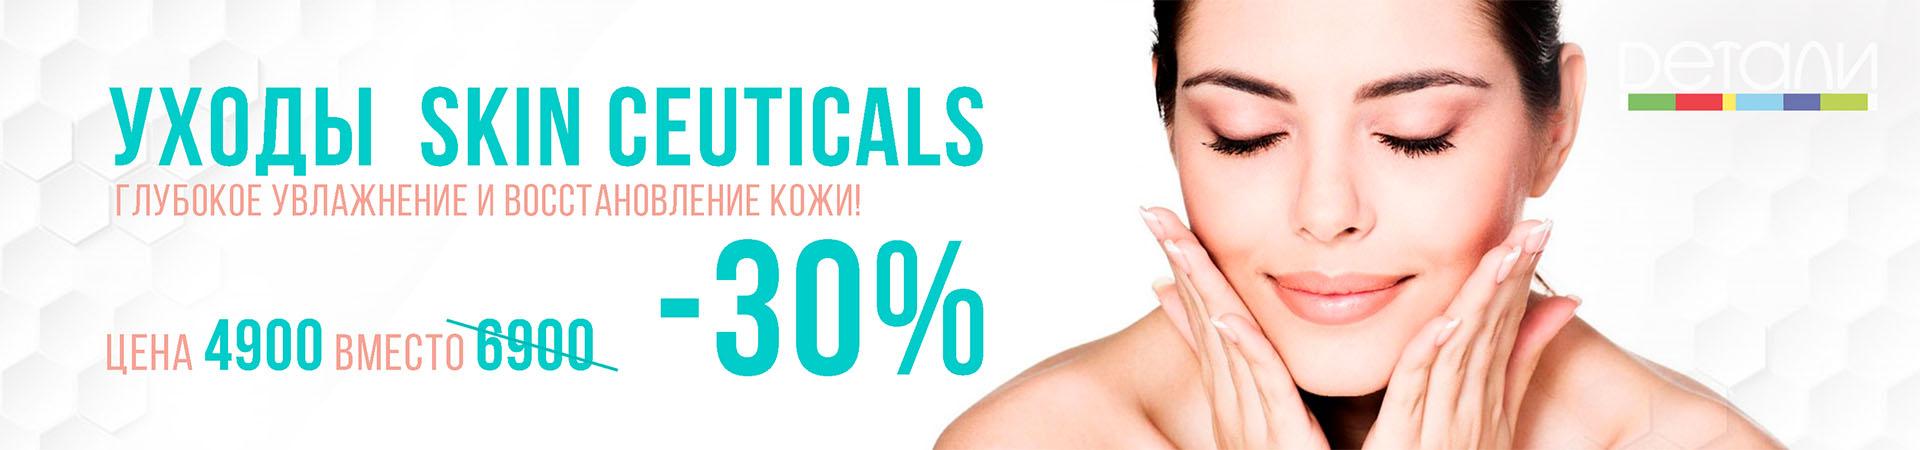 Косметологическая клиника Детали